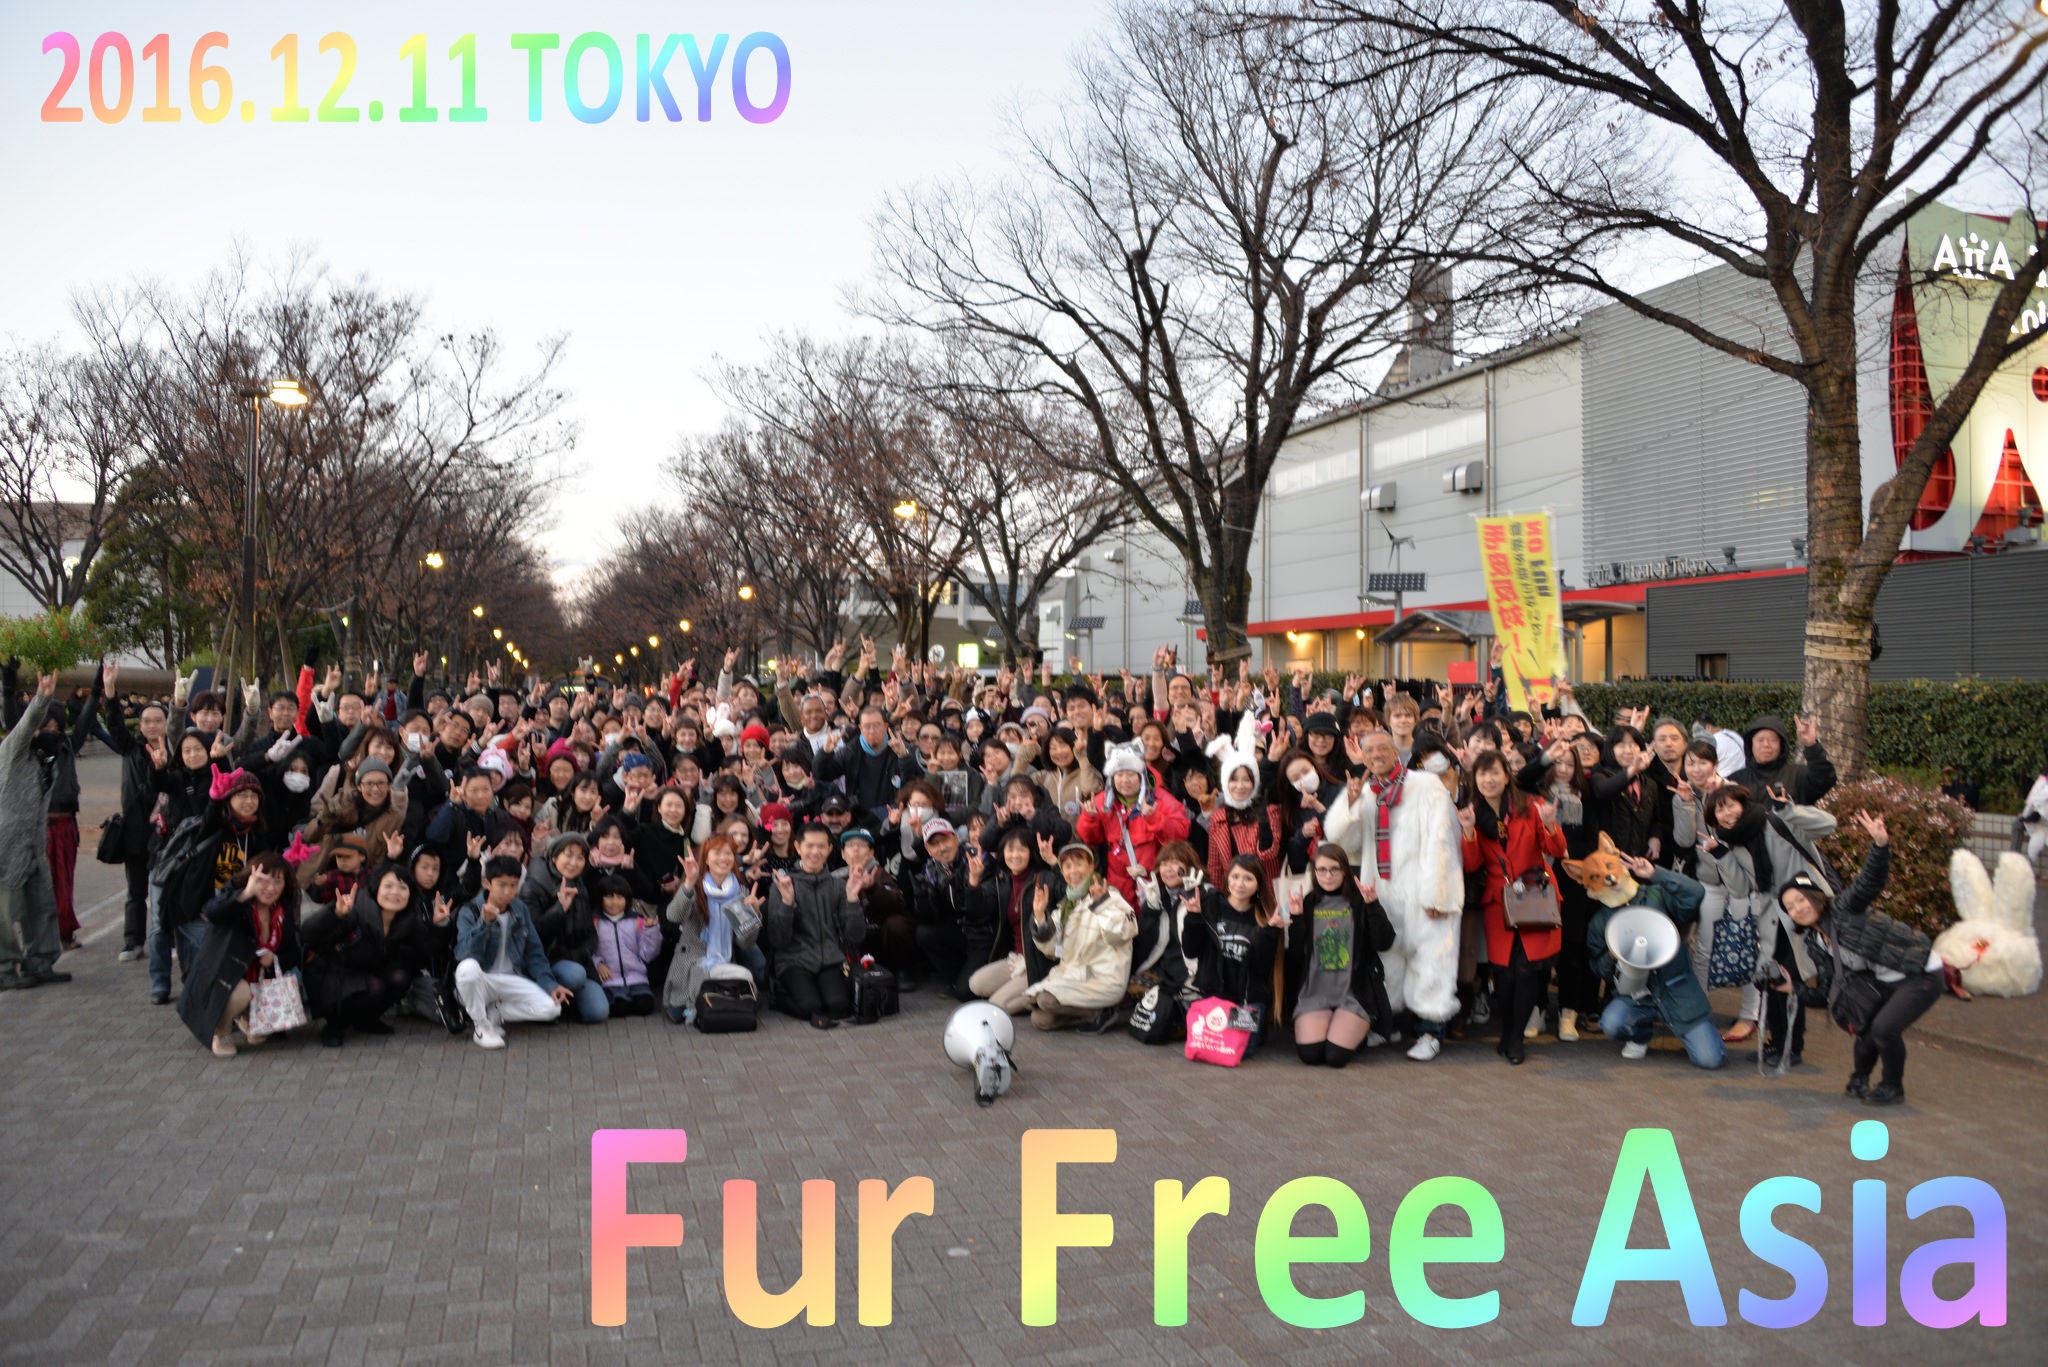 20161211tokyo.jpg